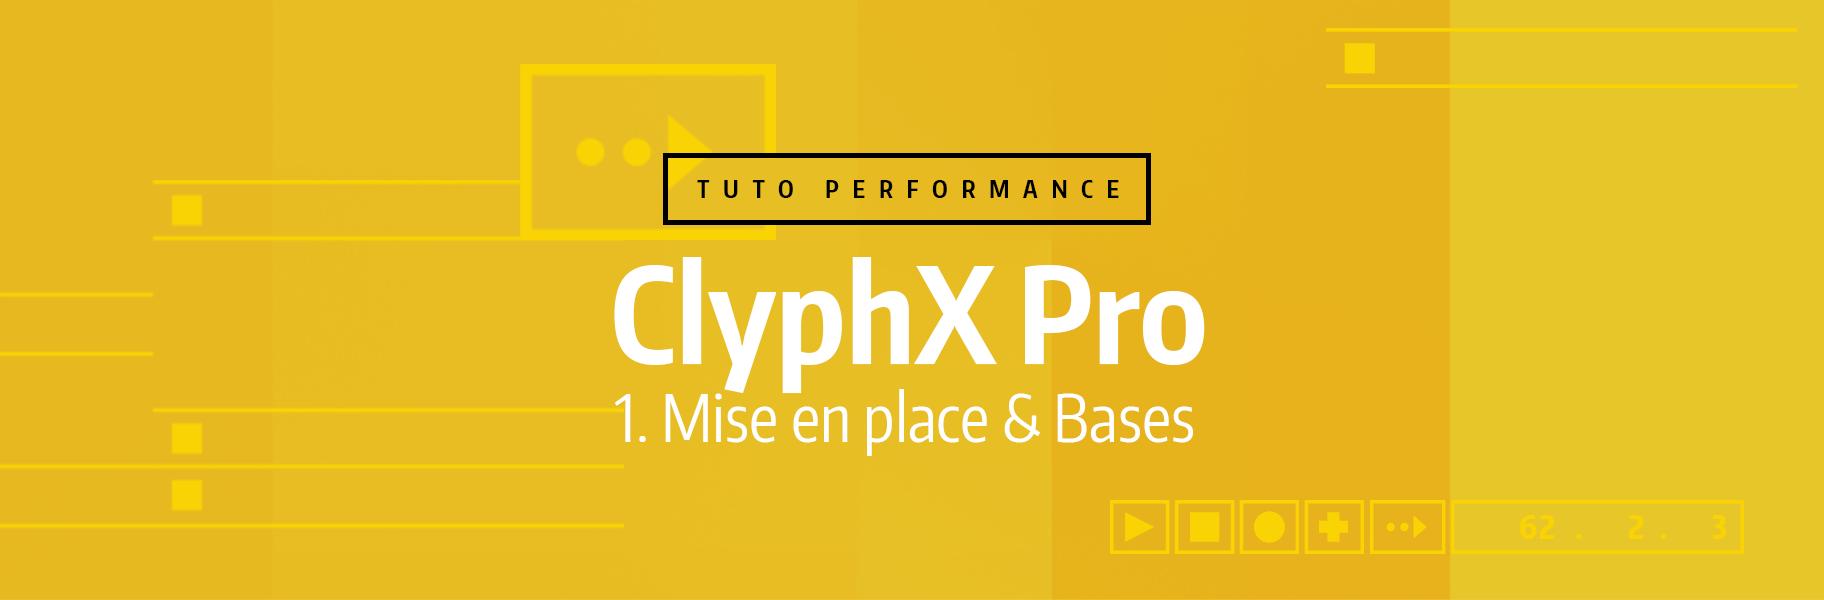 Tutoriel Ableton Live - ClyphX Pro - 1. Mise en place & Bases